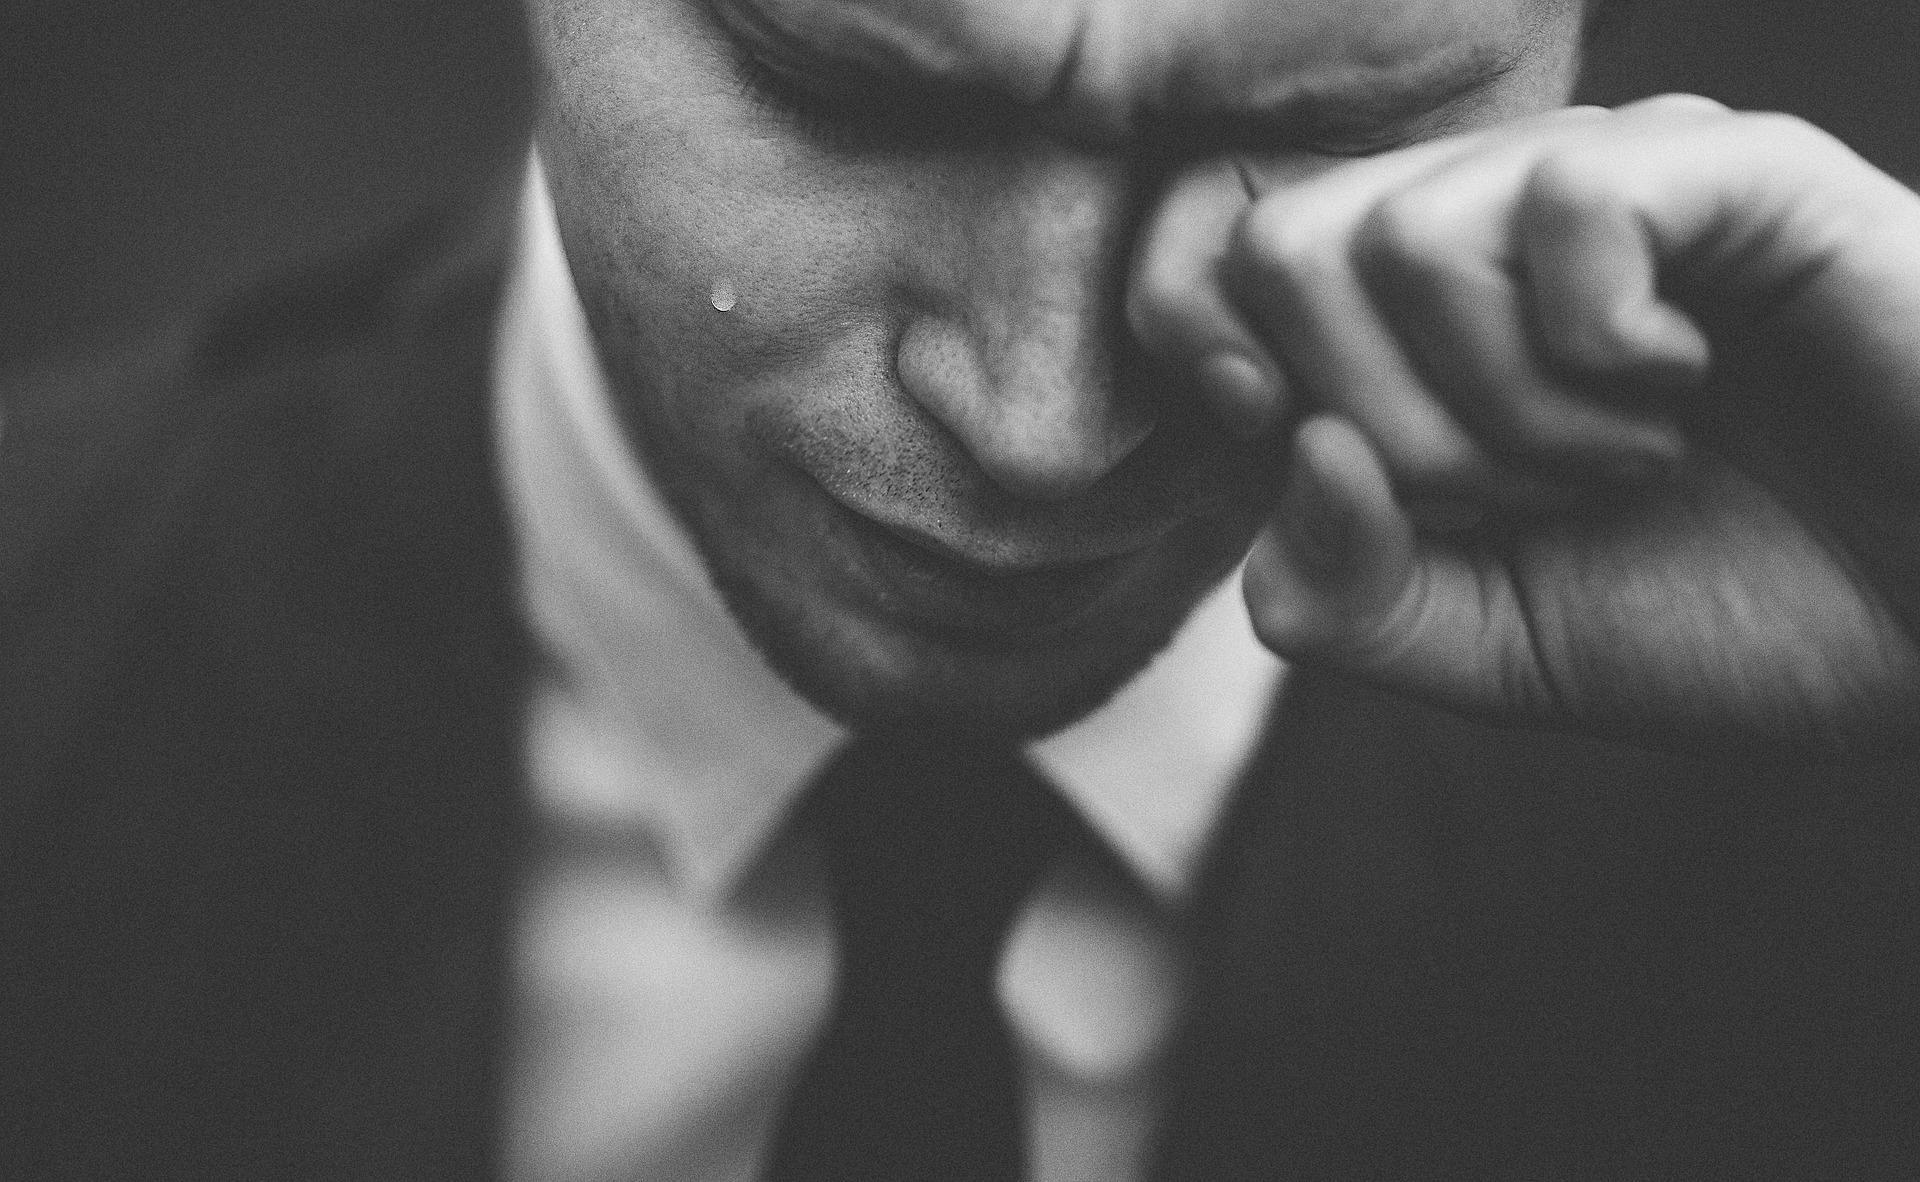 Нехватка тестостерона делает измужчин законченных хроников